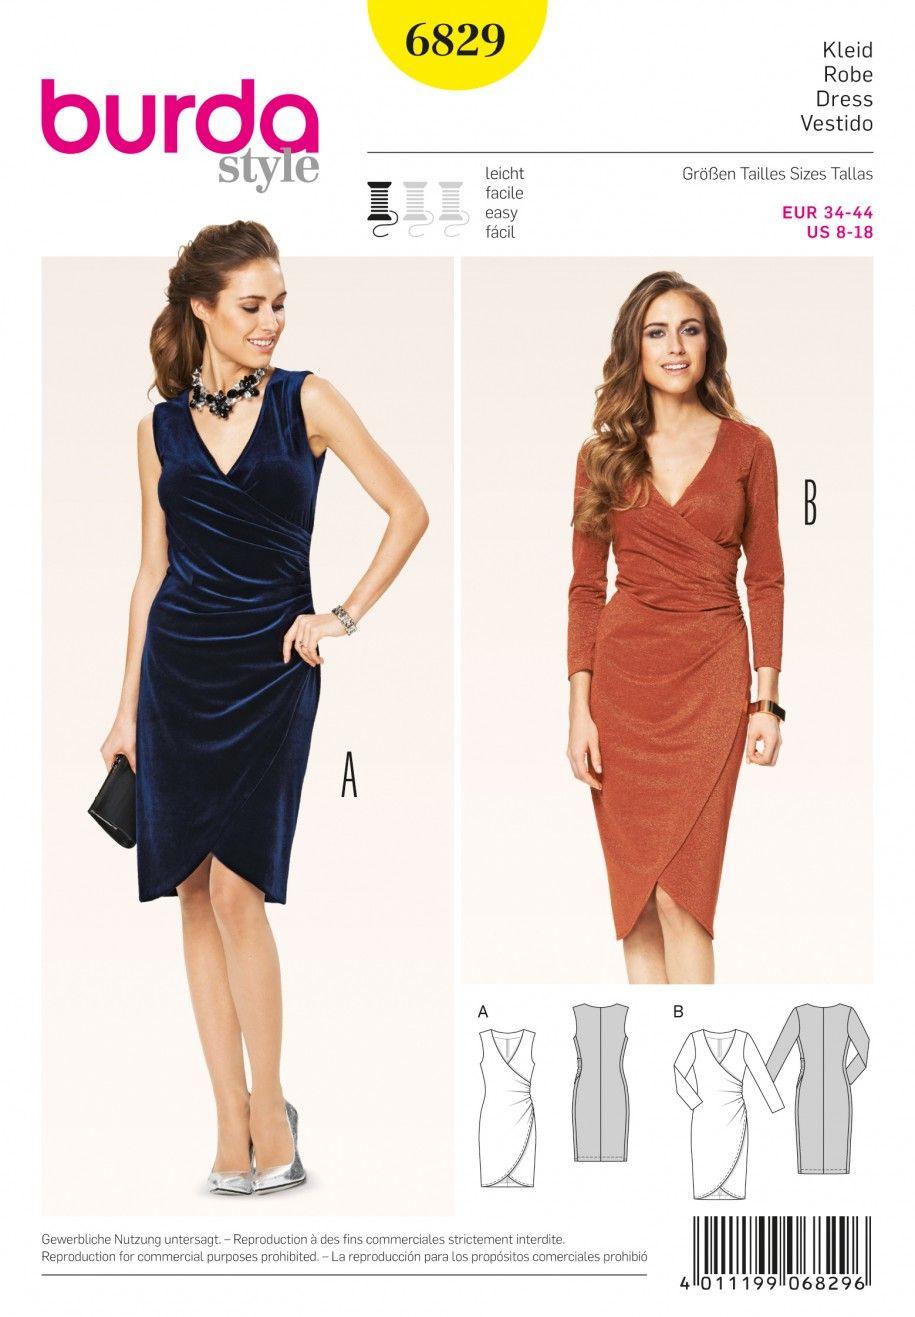 Charmant Drop Taille Prom Kleid Fotos - Brautkleider Ideen ...